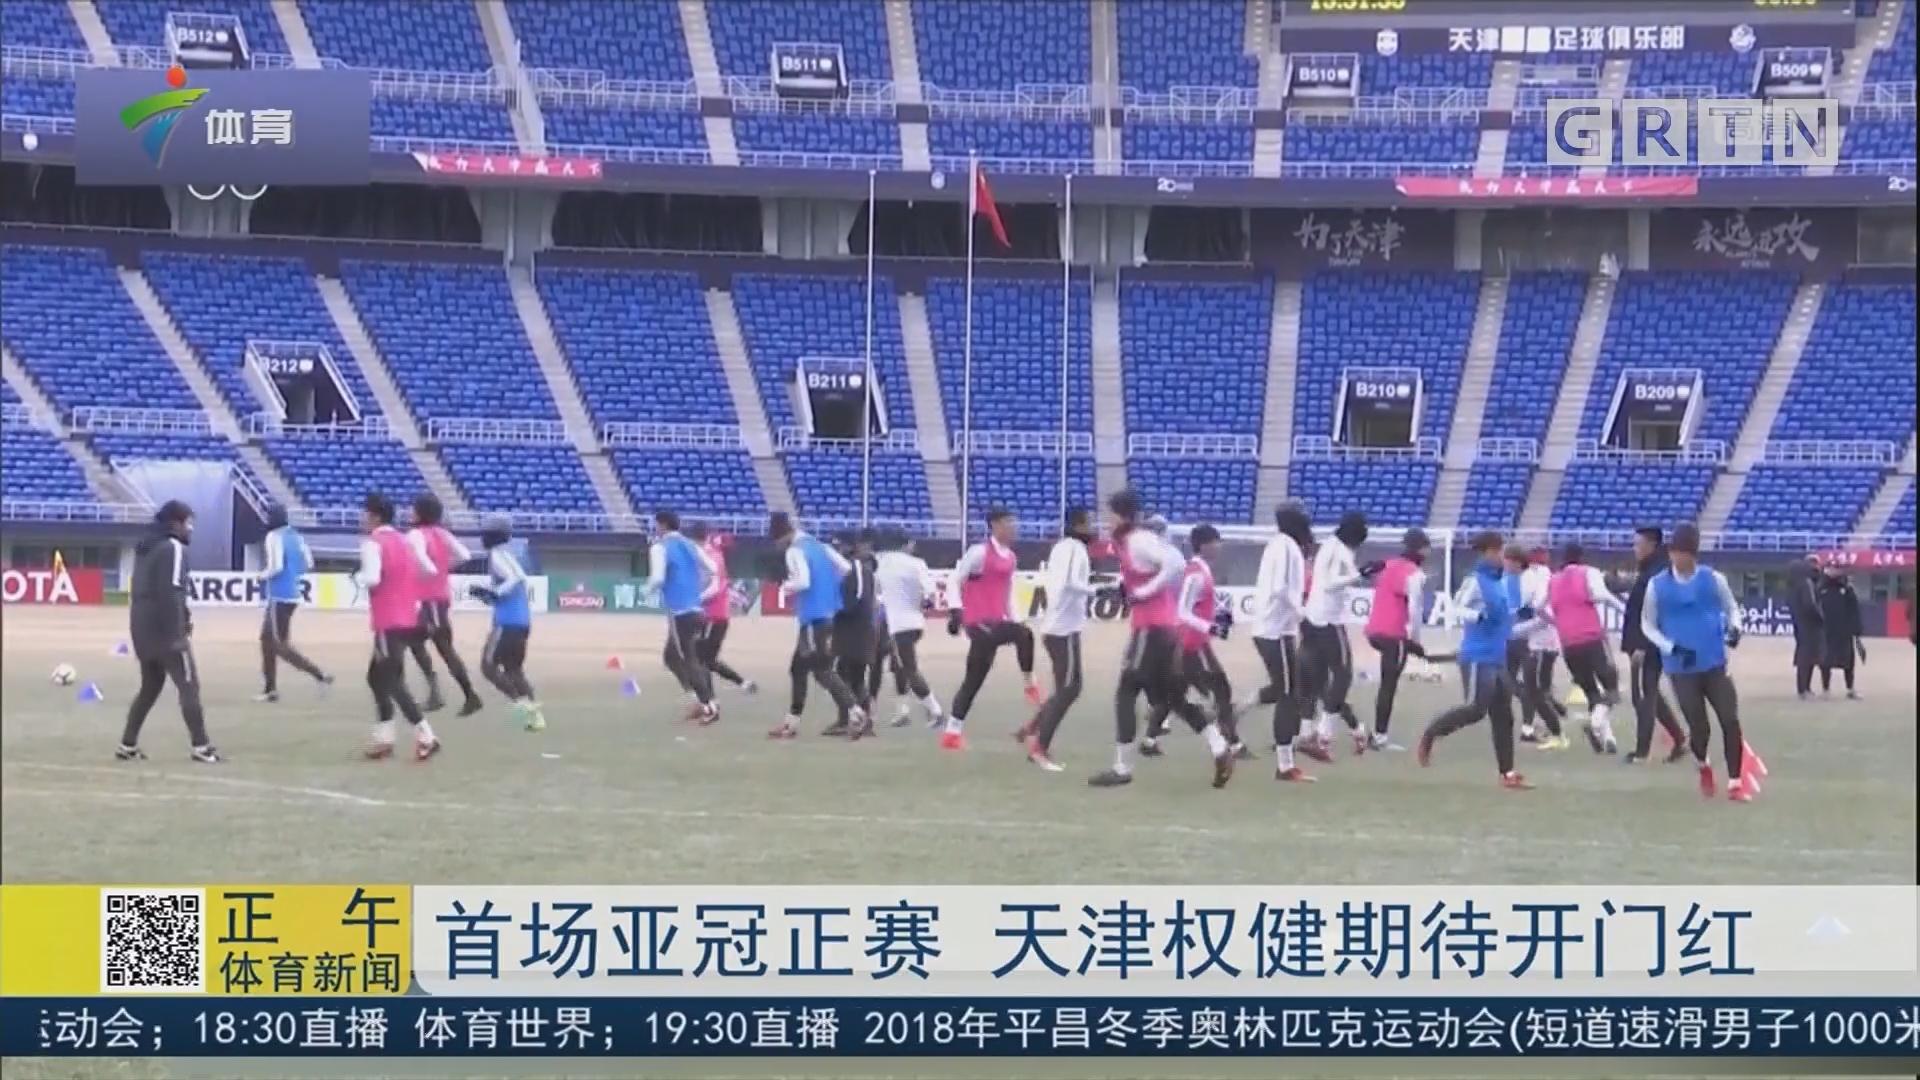 首场亚冠正赛 天津权健期待开门红